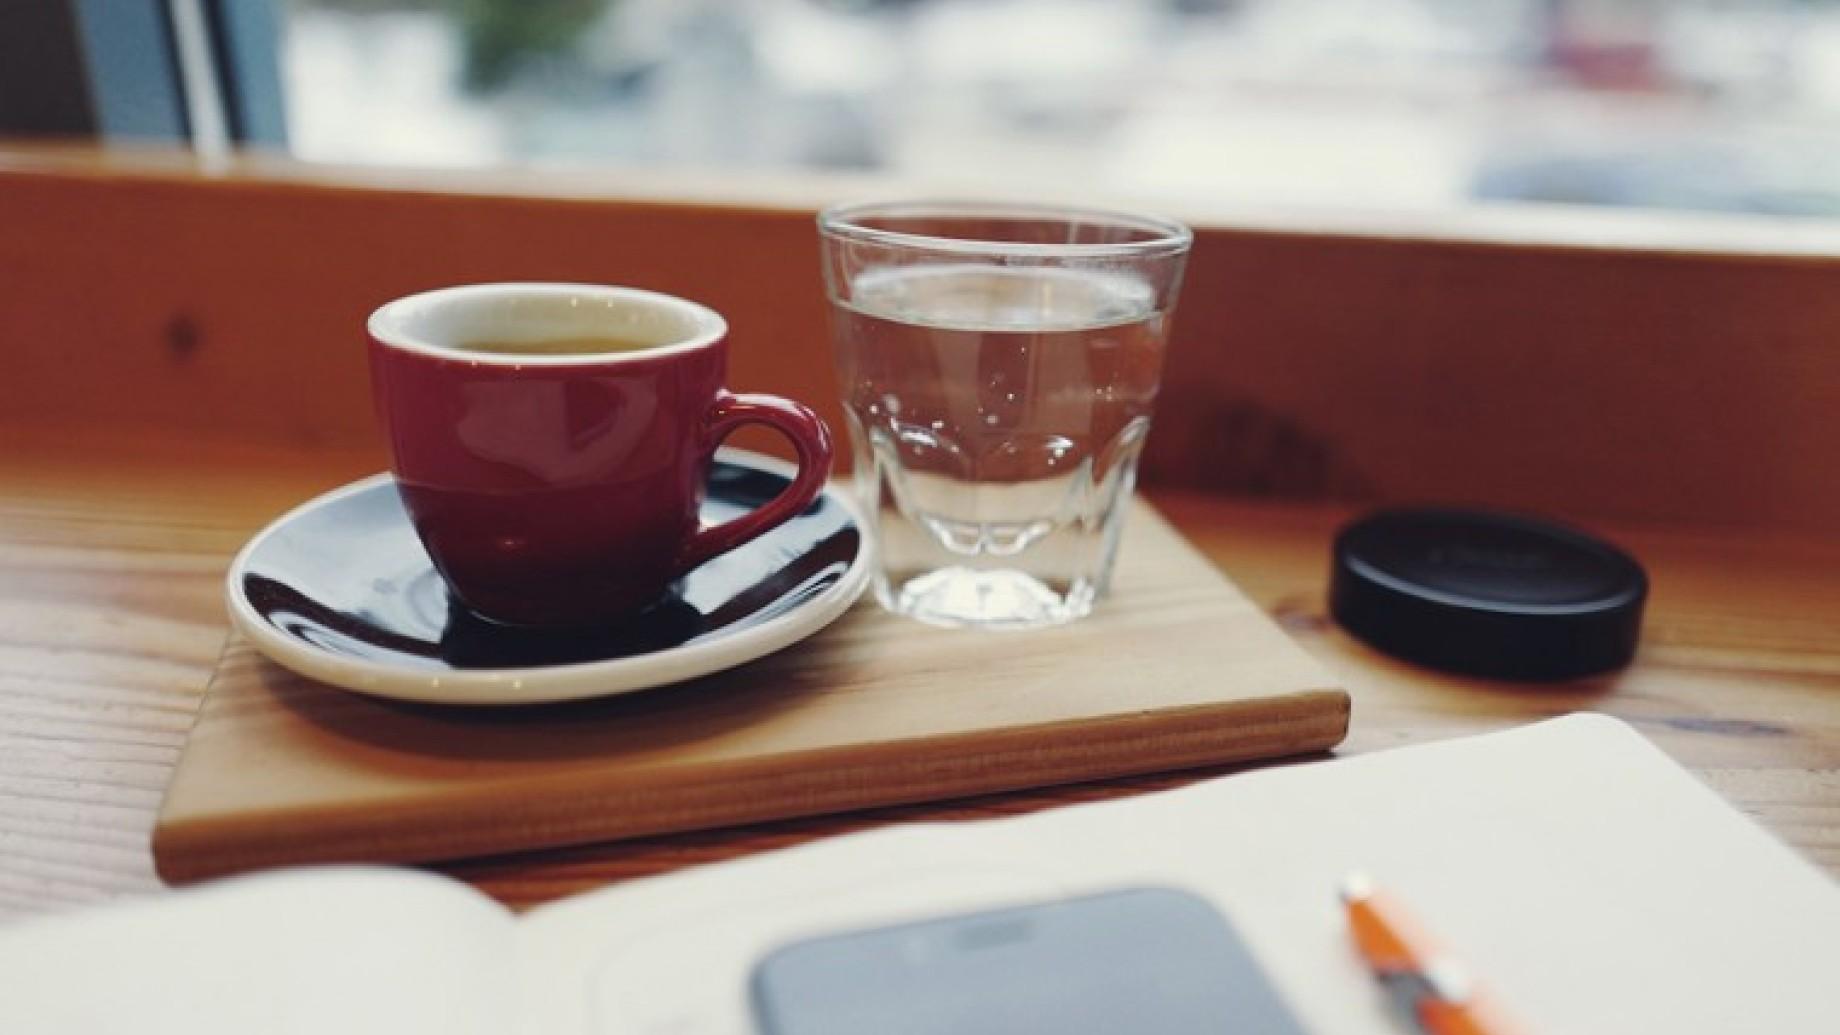 acqua caffe